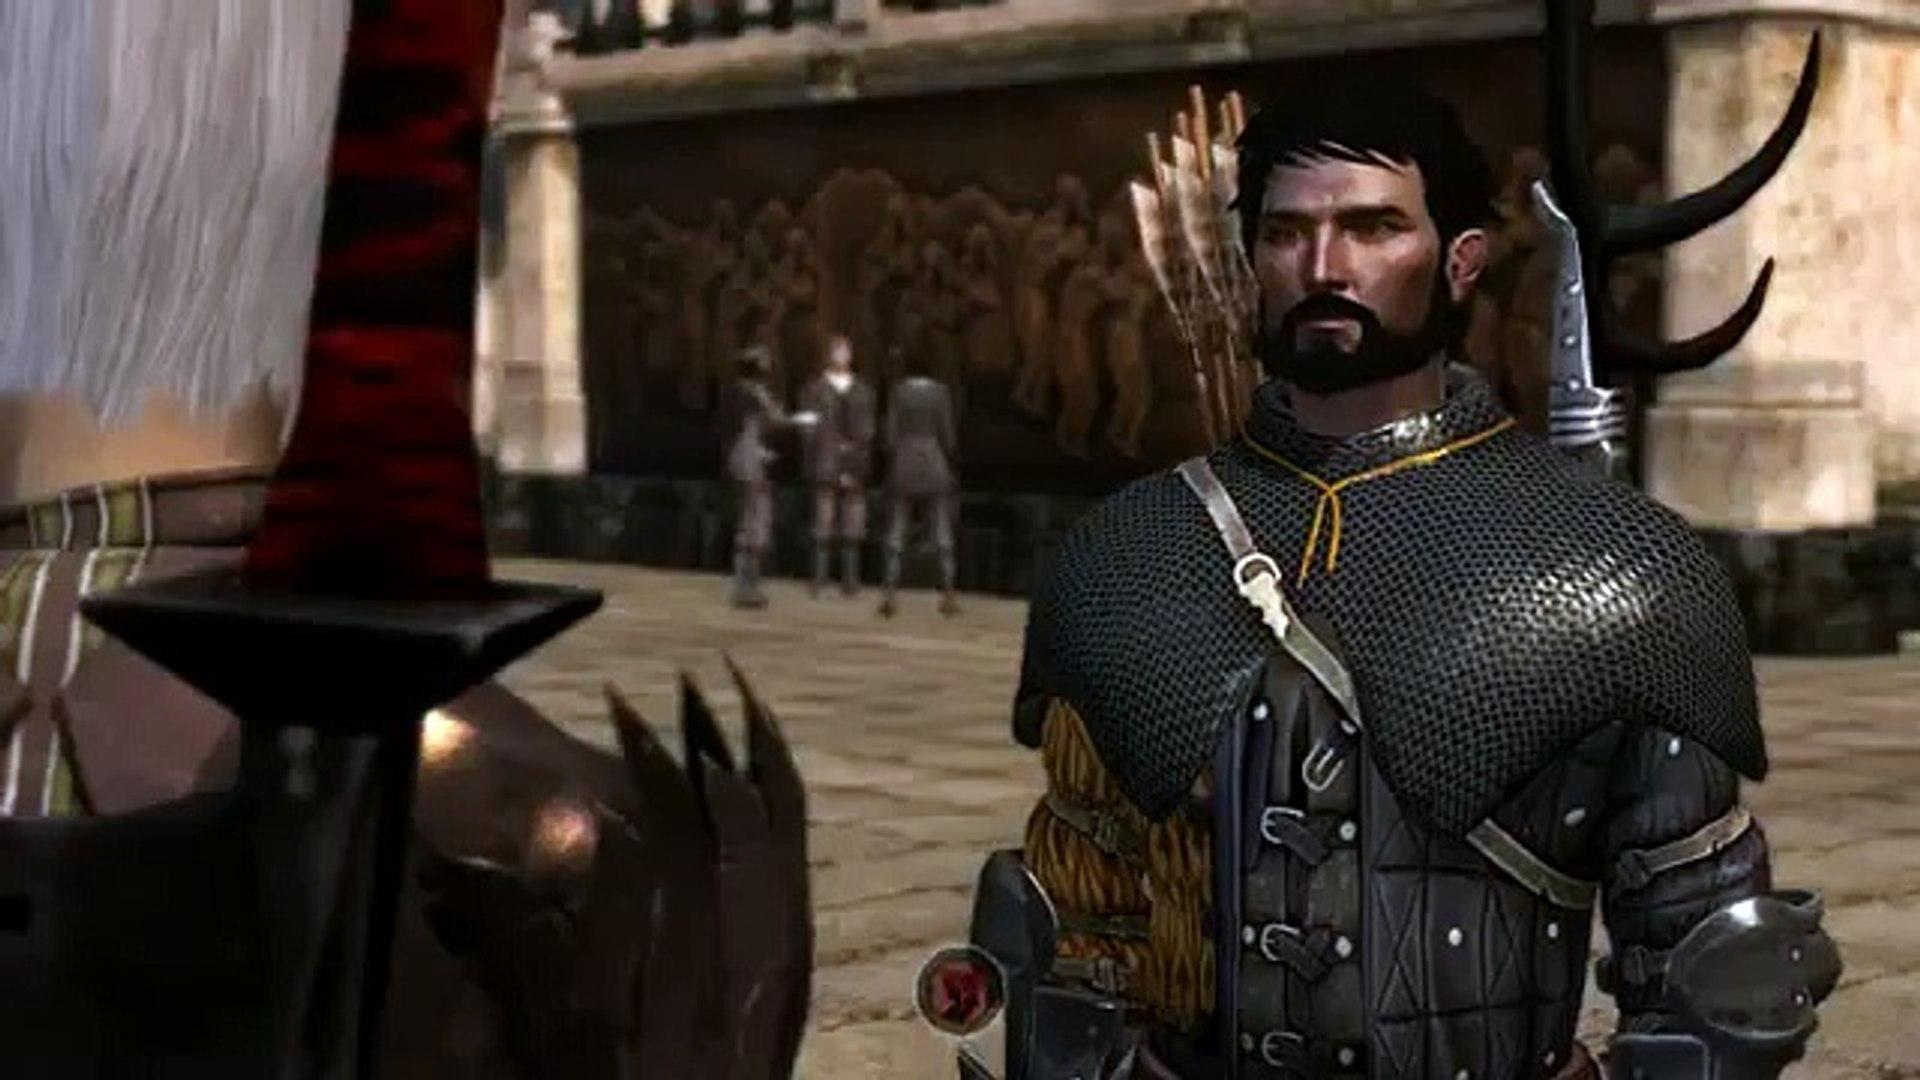 Dragon Age 2 Fenris Versus Anders Gallows Version 1 Video